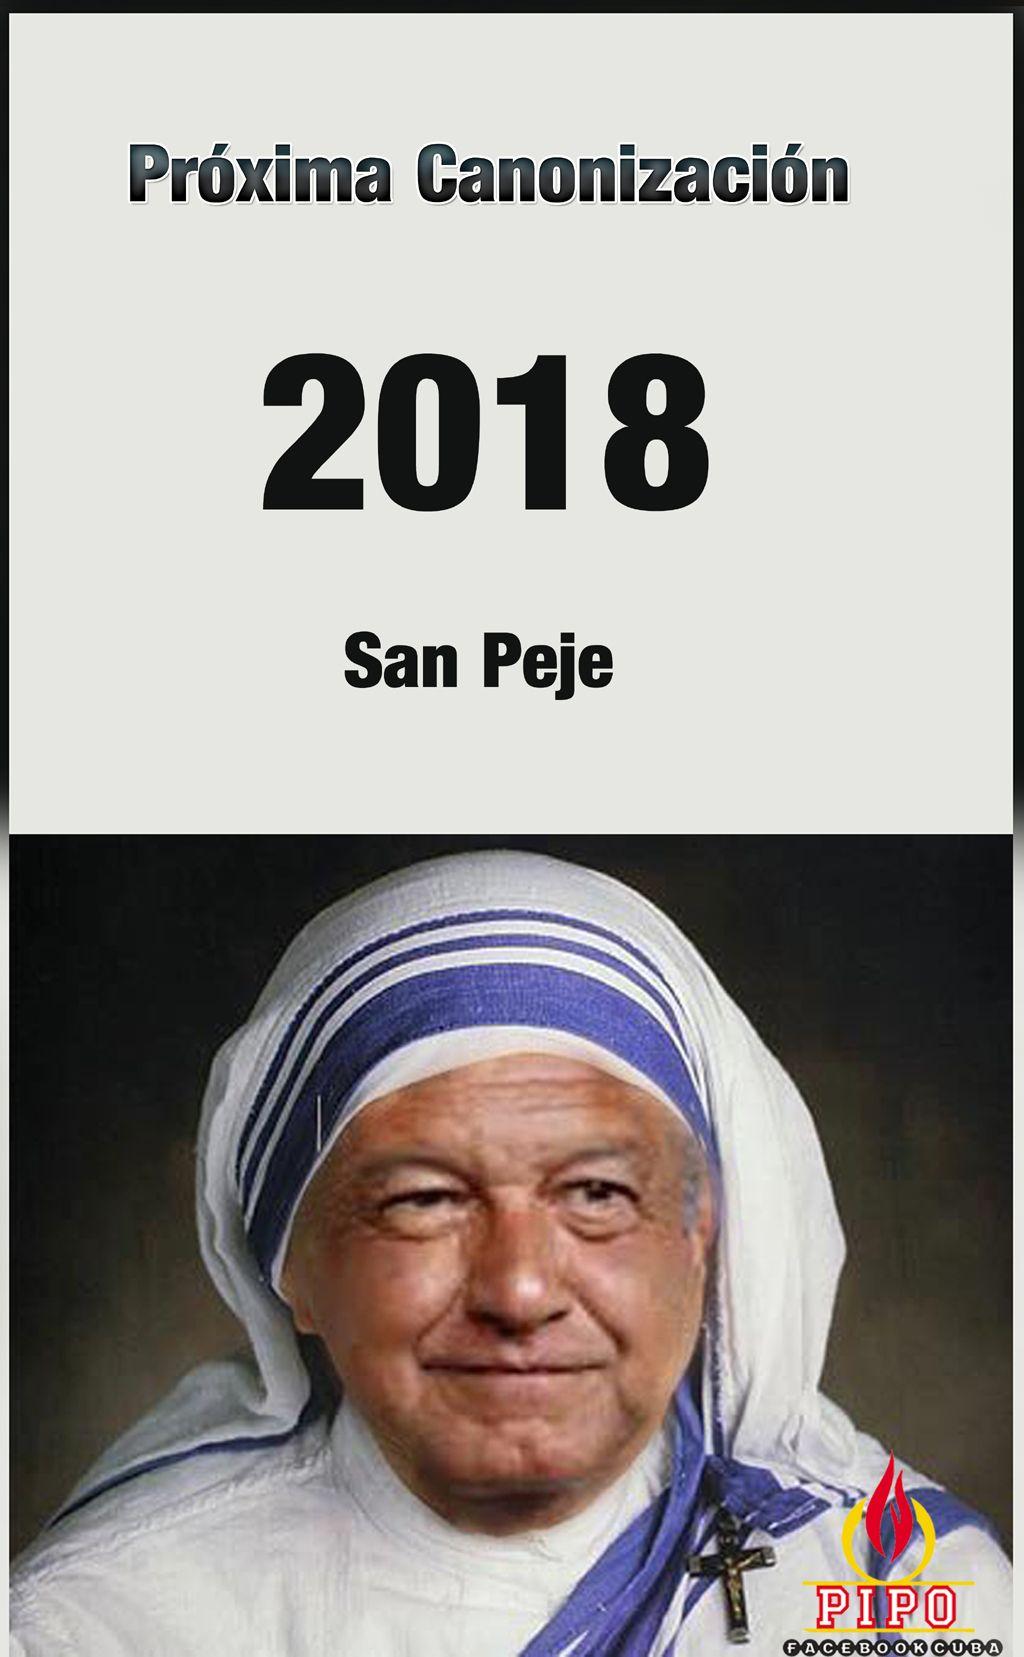 Canonizacion de san Peje.